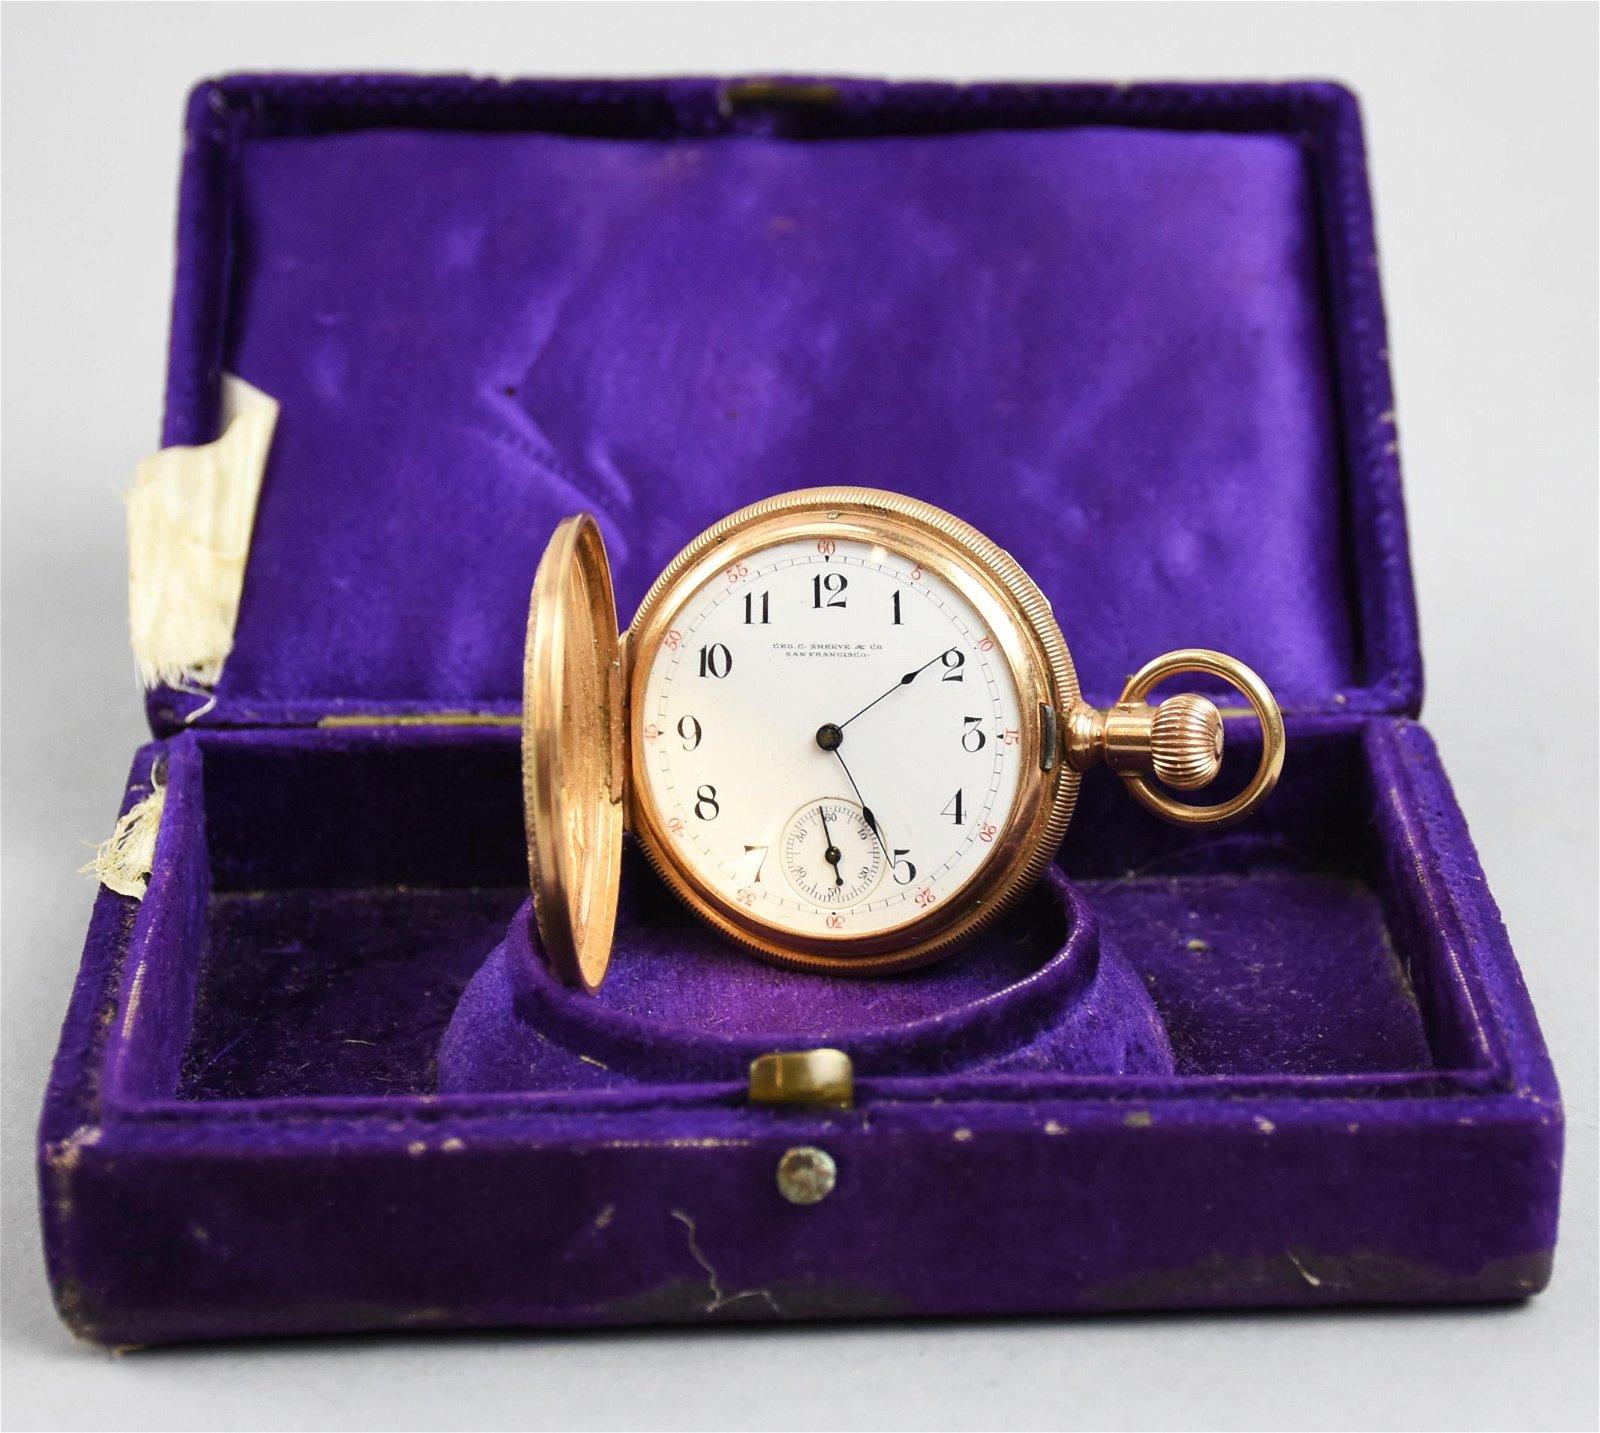 1890 14K American Waltham Pocket Watch, Annis Hamlin